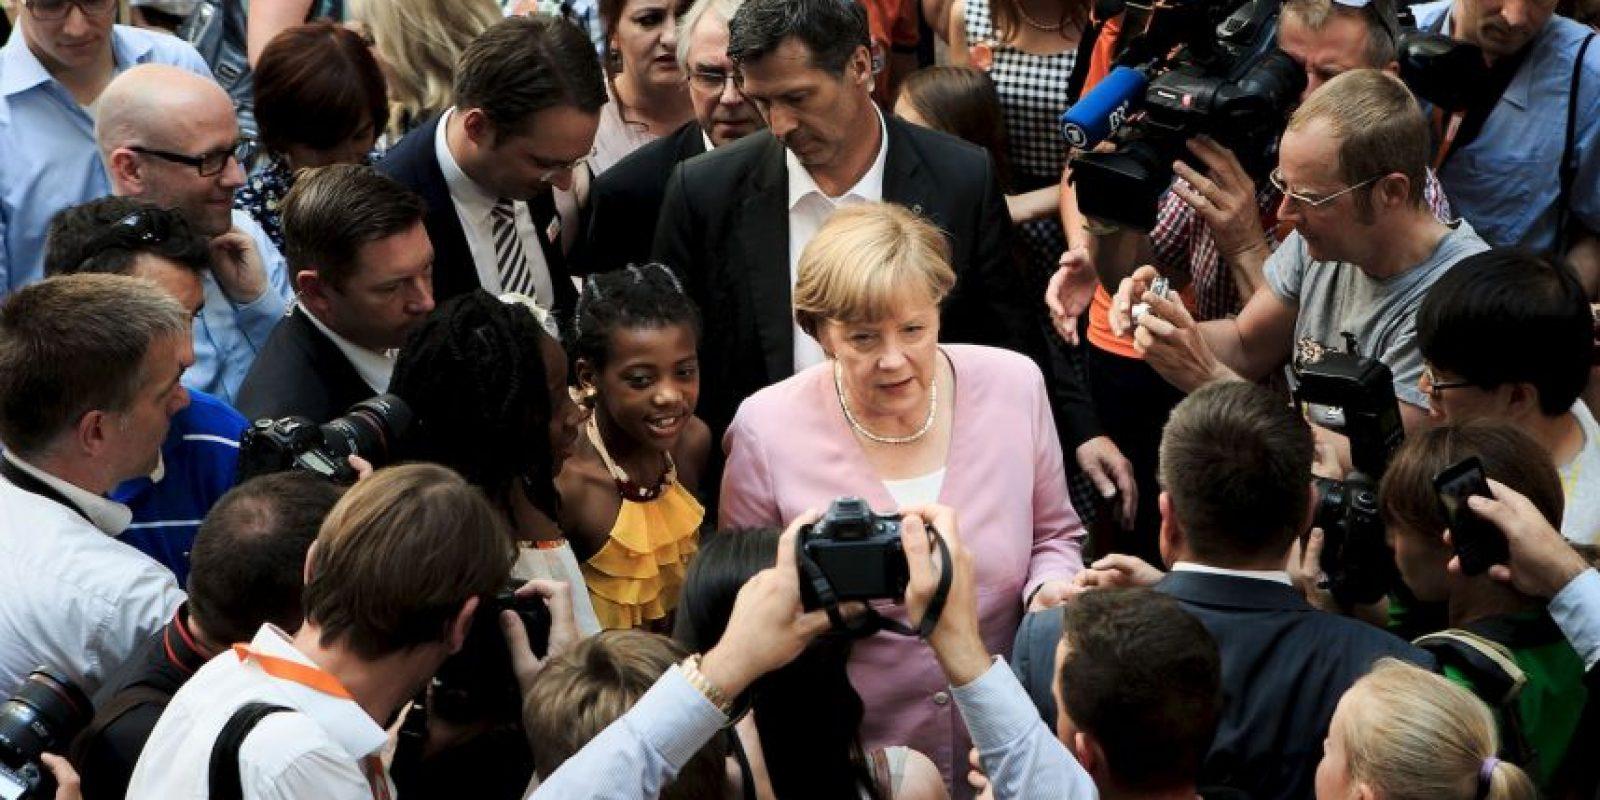 Parece ser que la canciller anunciará esta decisión hasta el 2016. Foto:Getty Images